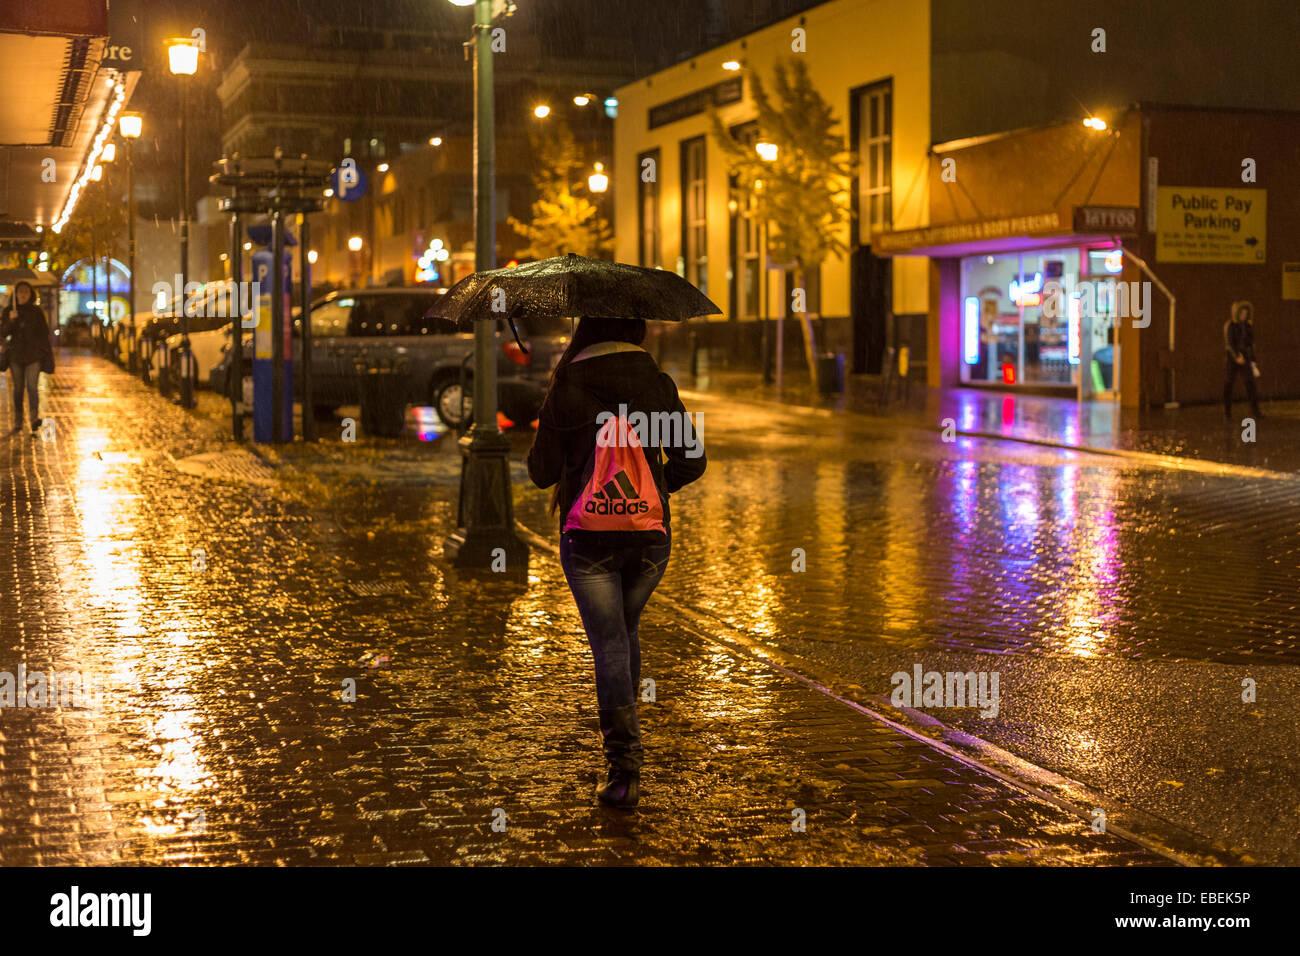 Jeune femme marchant à travers le centre-ville de nuit pluvieuse-Victoria, Colombie-Britannique, Canada. Banque D'Images